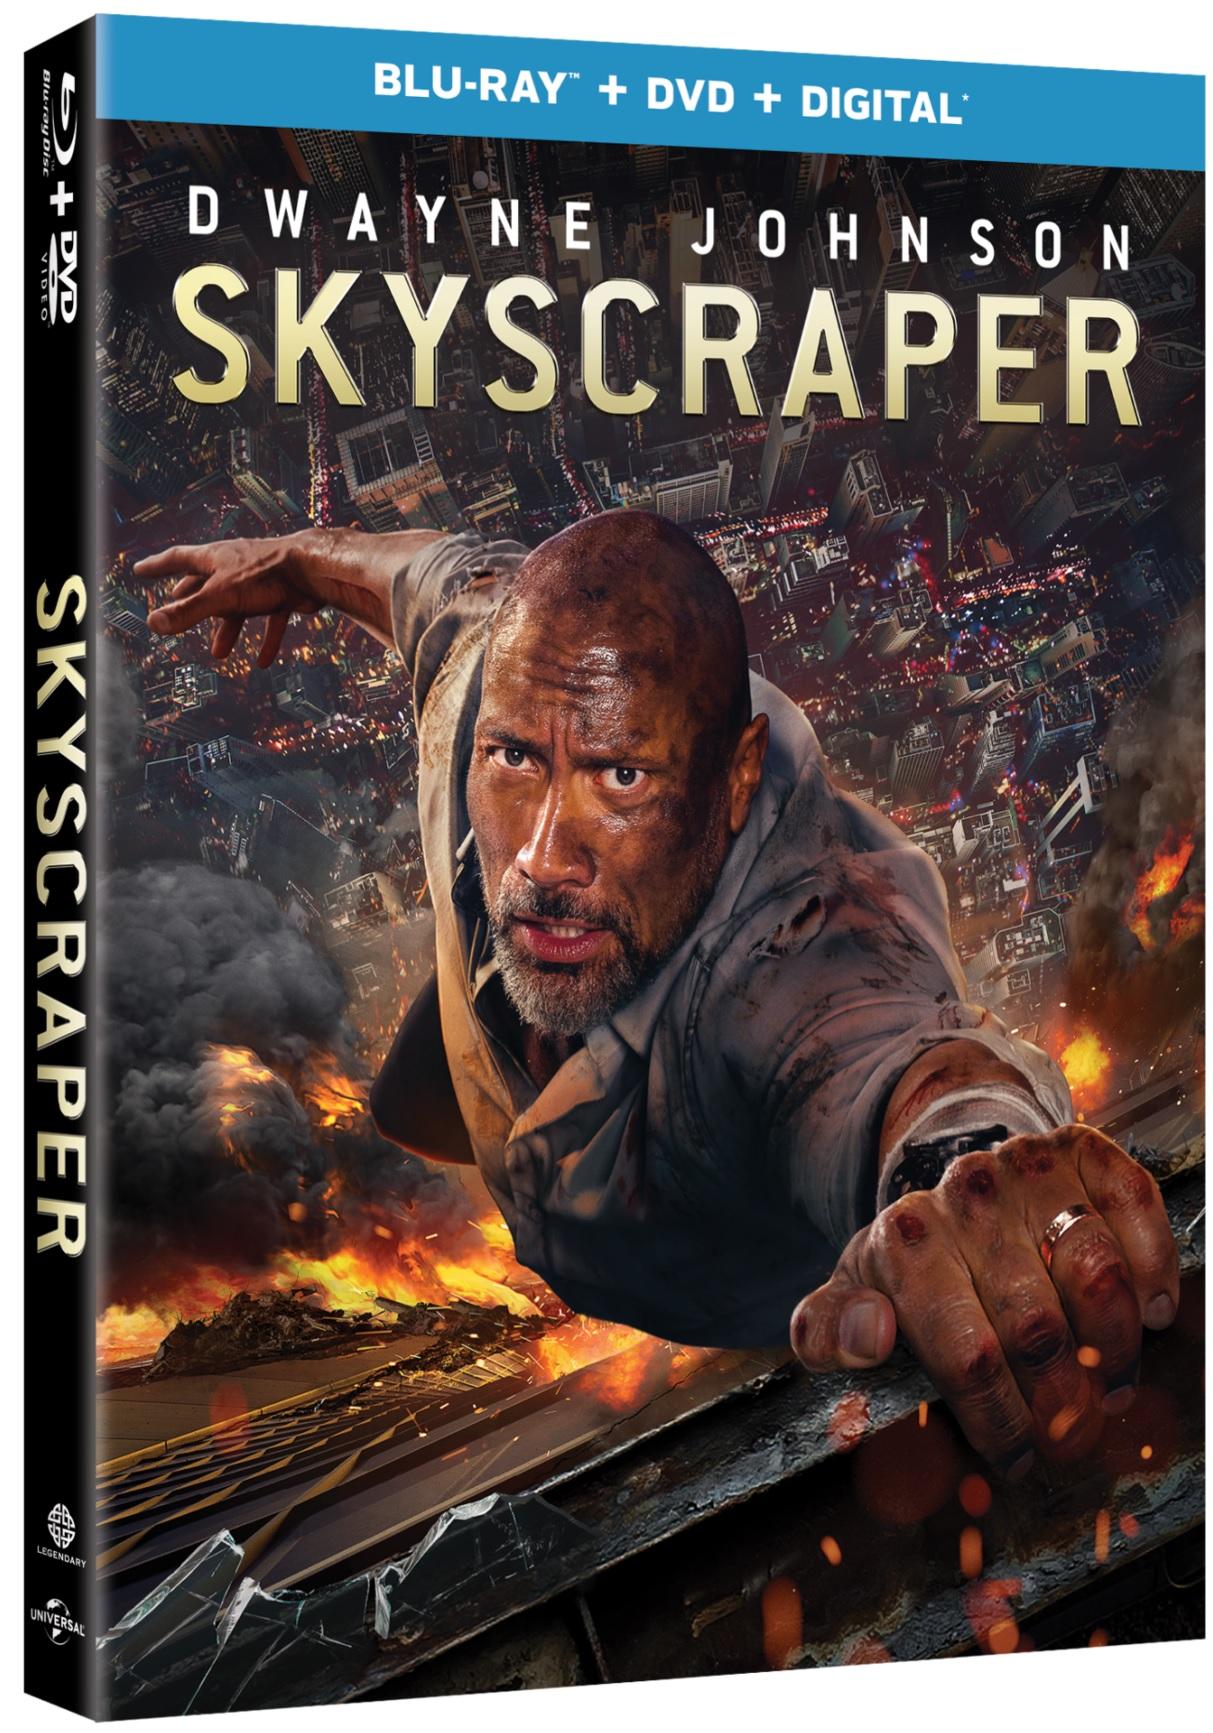 Skyscraper Blu-ray Review